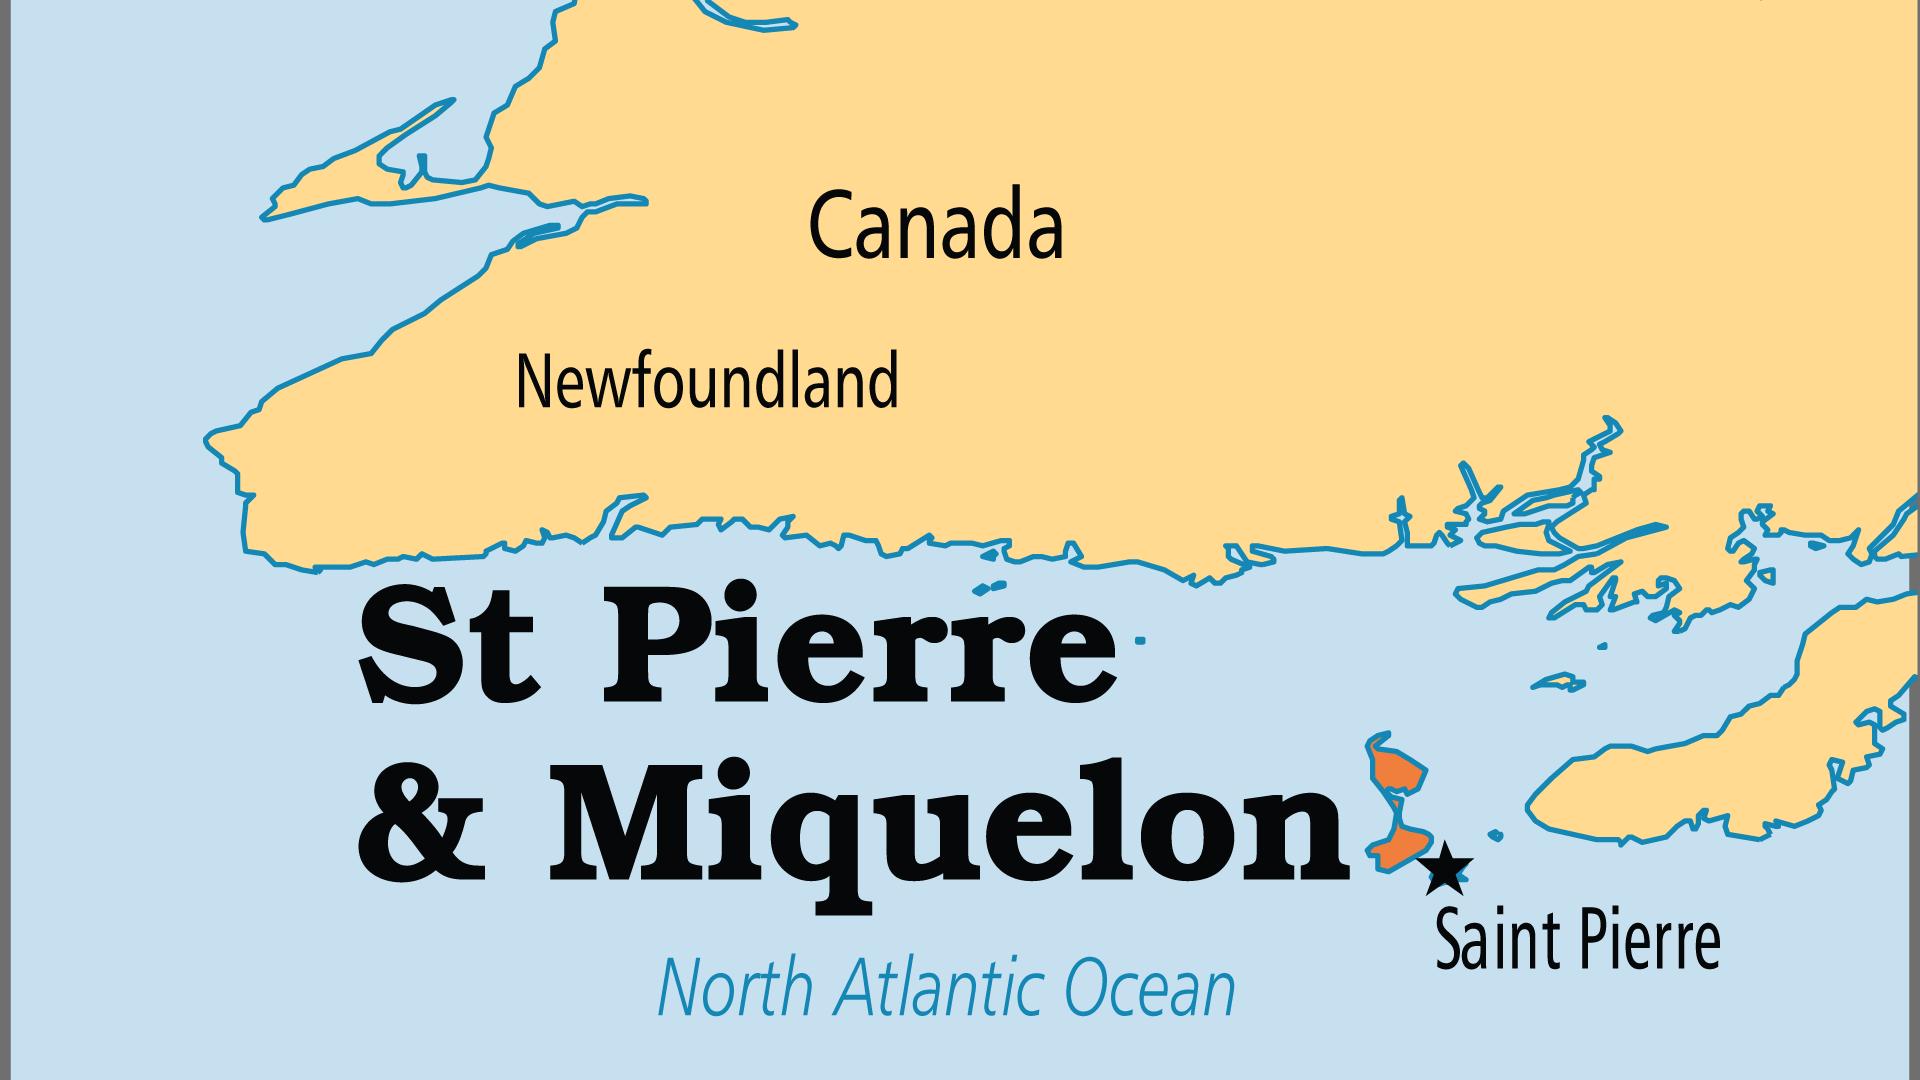 Map of Saint Pierre & Miquelon